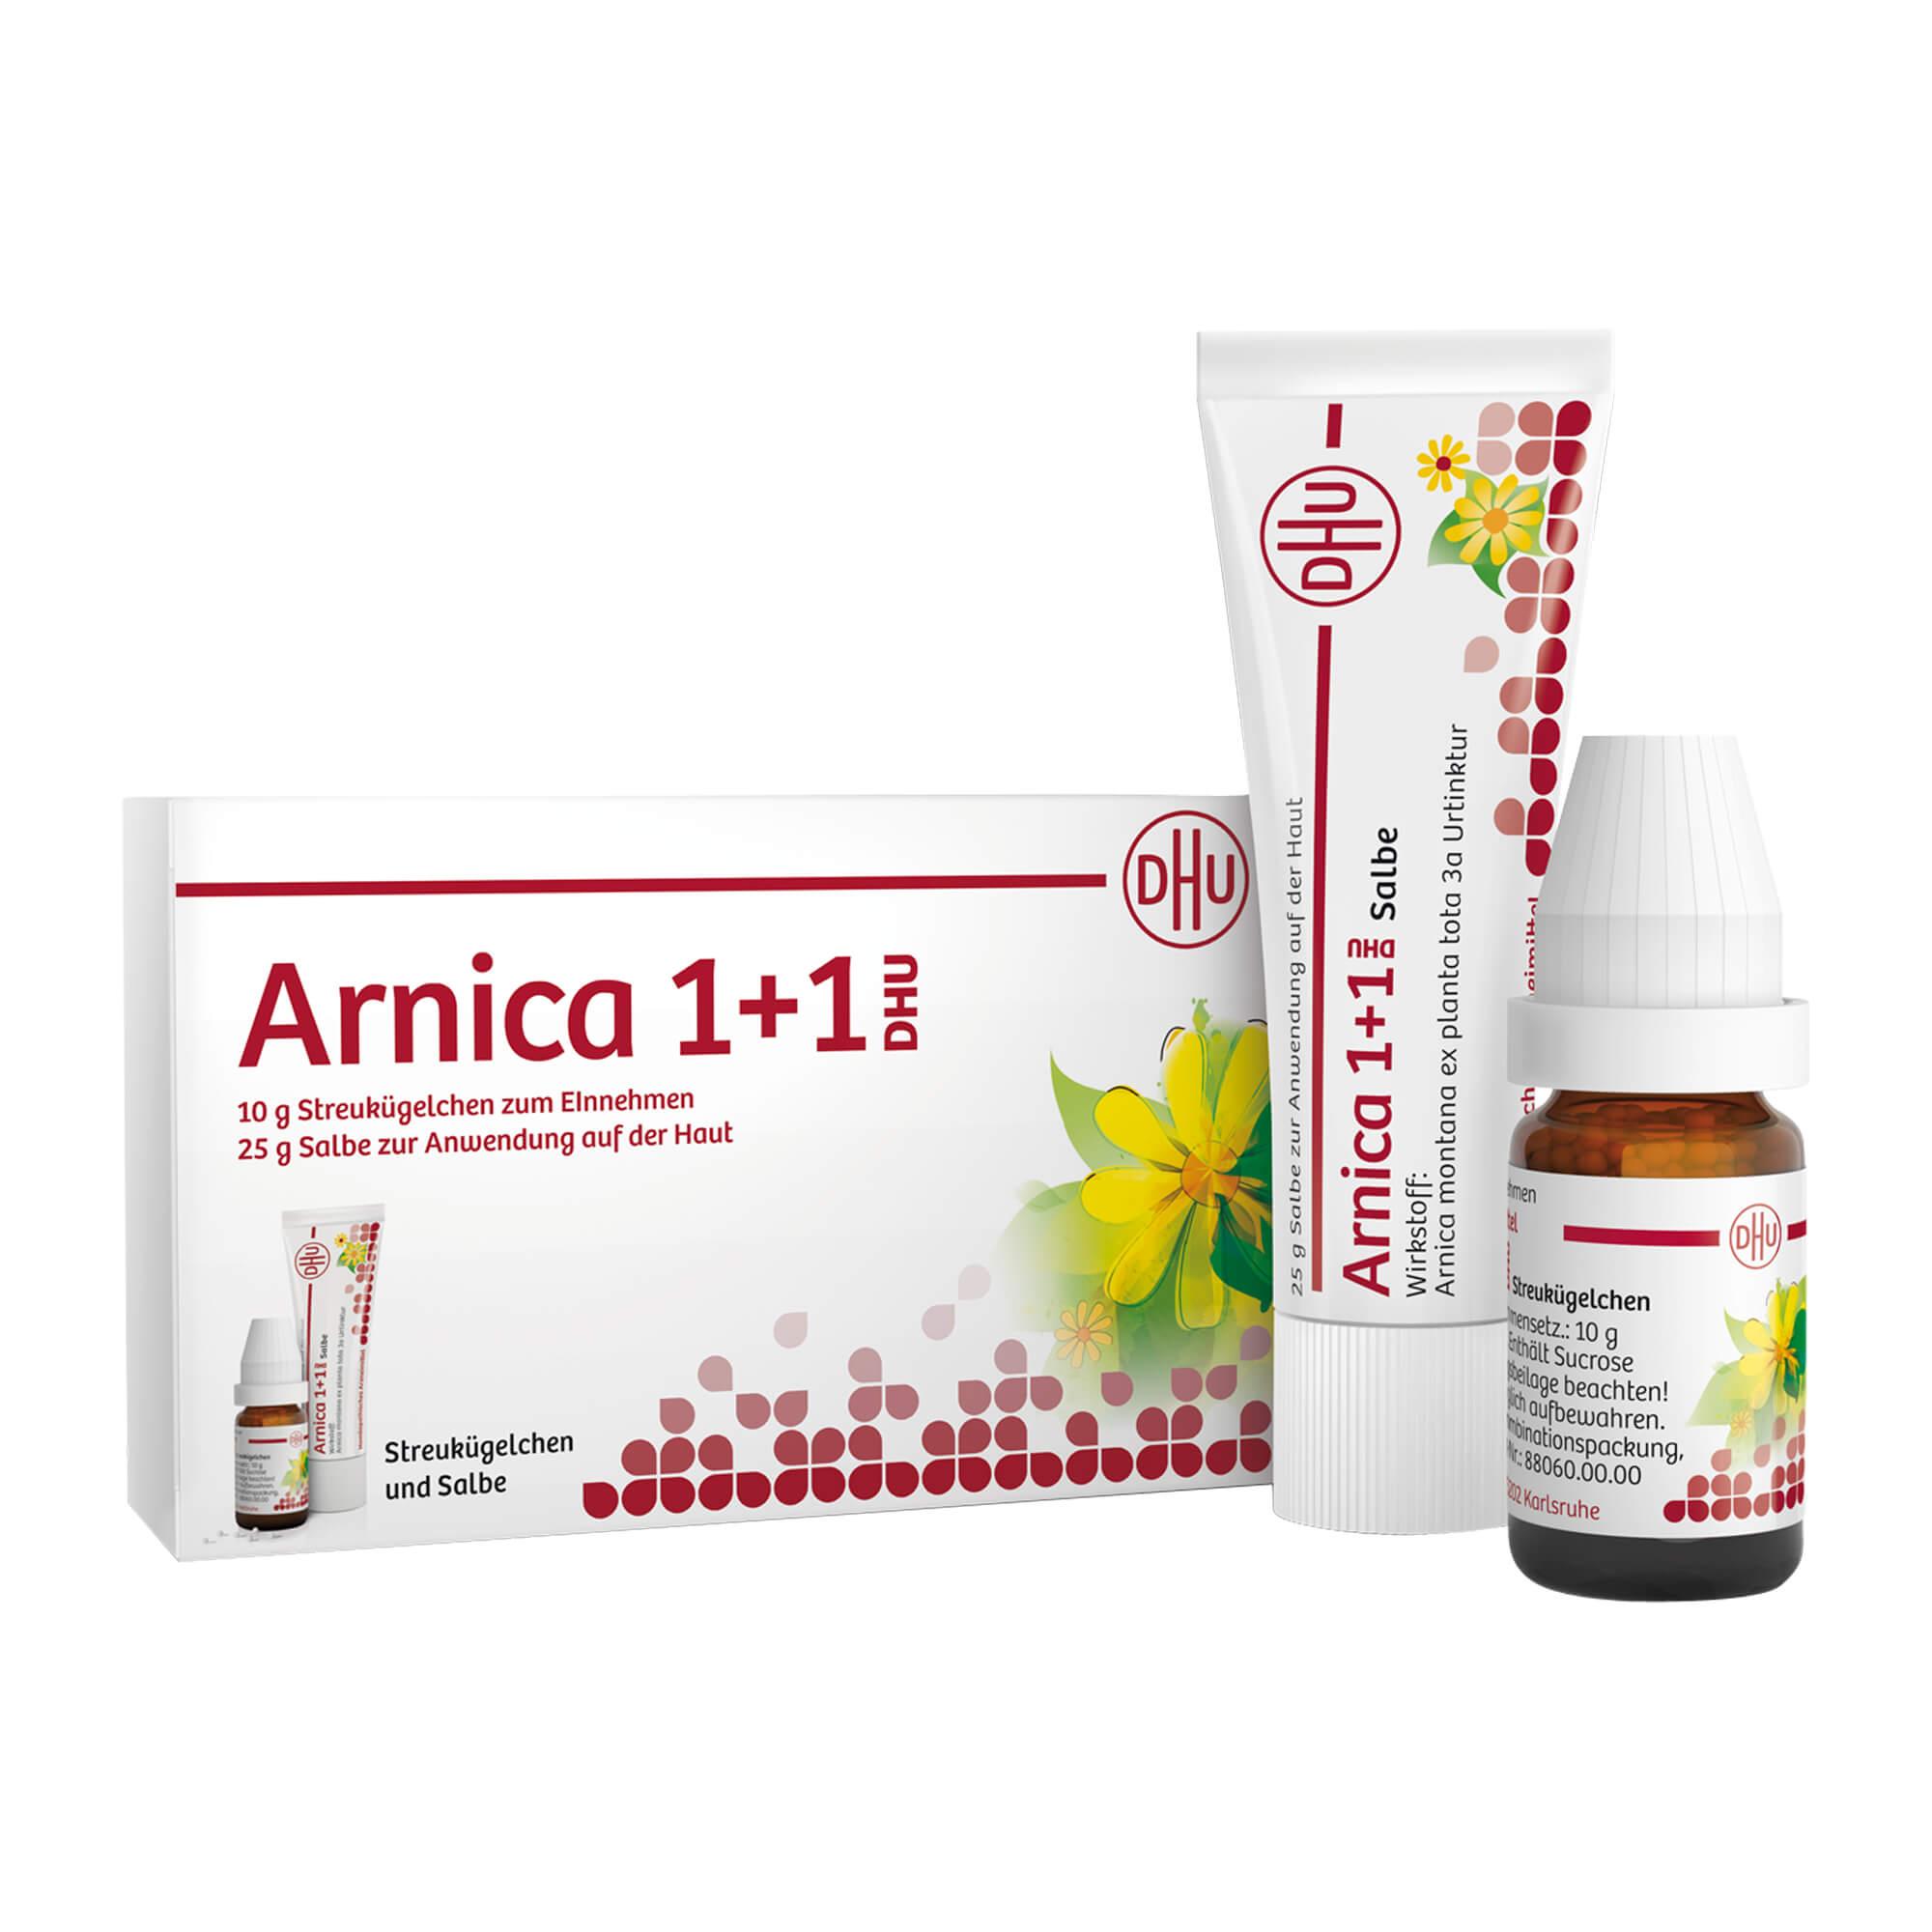 Arnica 1+1 DHU Streukügelchen + Salbe